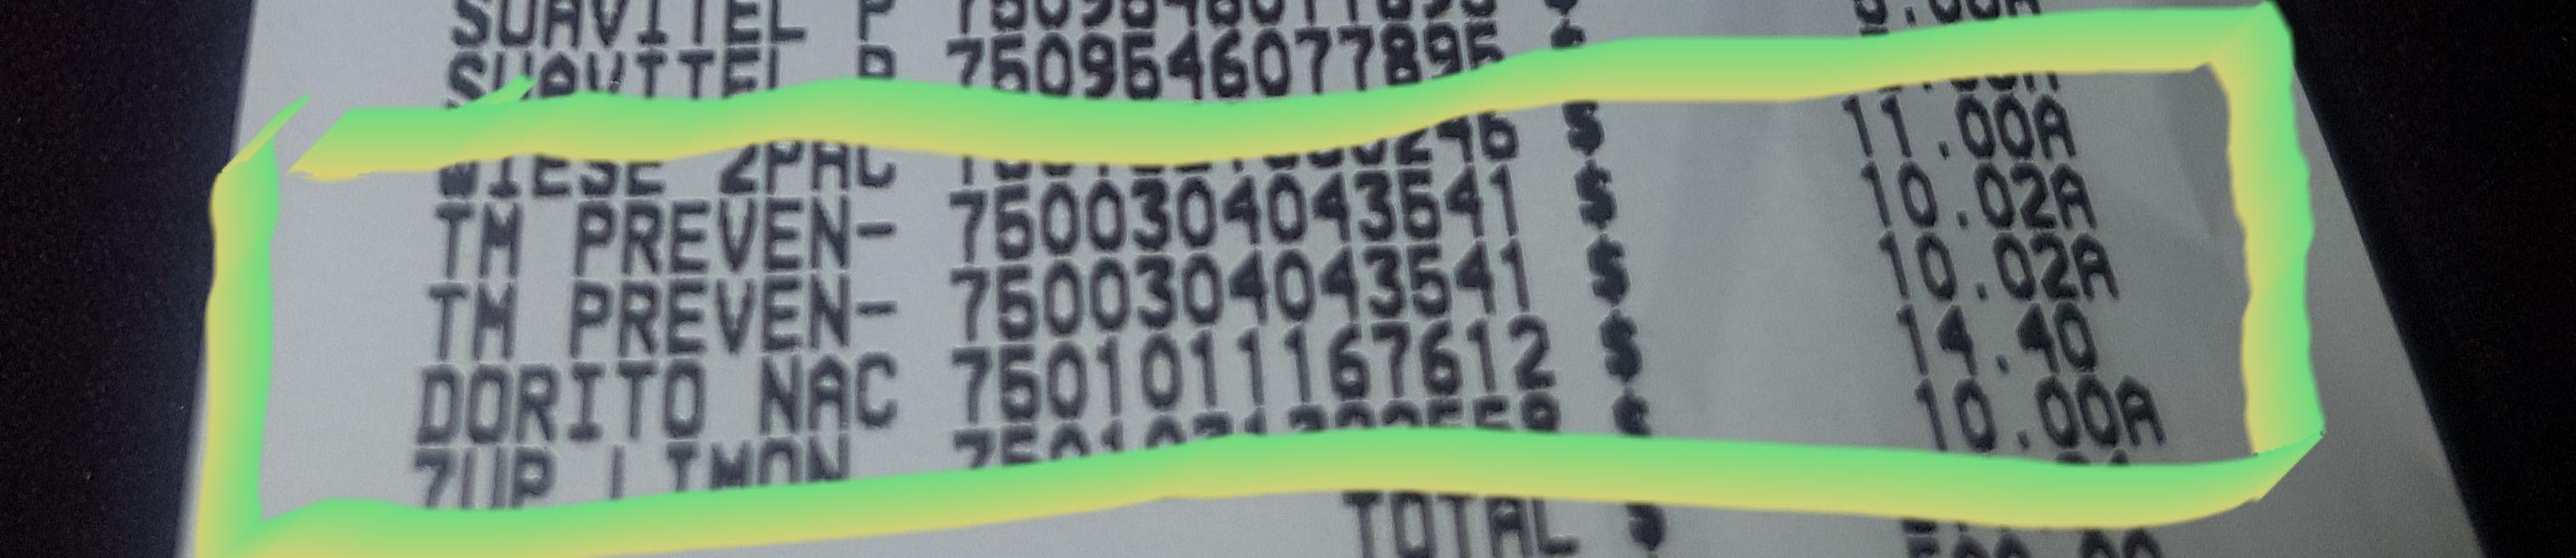 314829.jpg